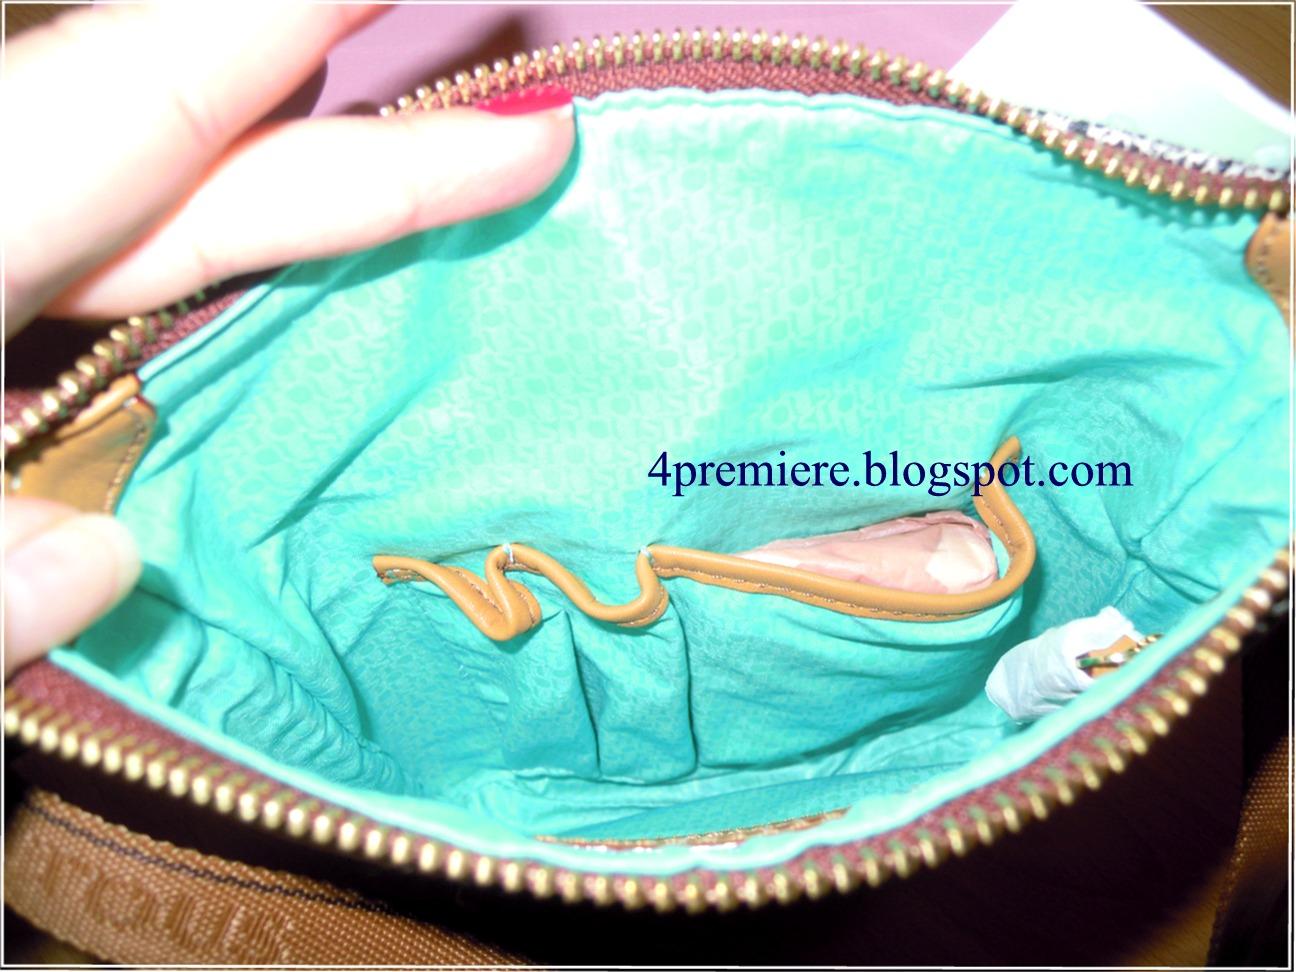 3633fdcc38145 Od jakiegoś czasu, bardzo zaintrygowały mnie też torebki Sabriny Pilewicz,  jej model Modena jest przeuroczy. Musze przyznać się,że mam bzika jeśli  chodzi o ...